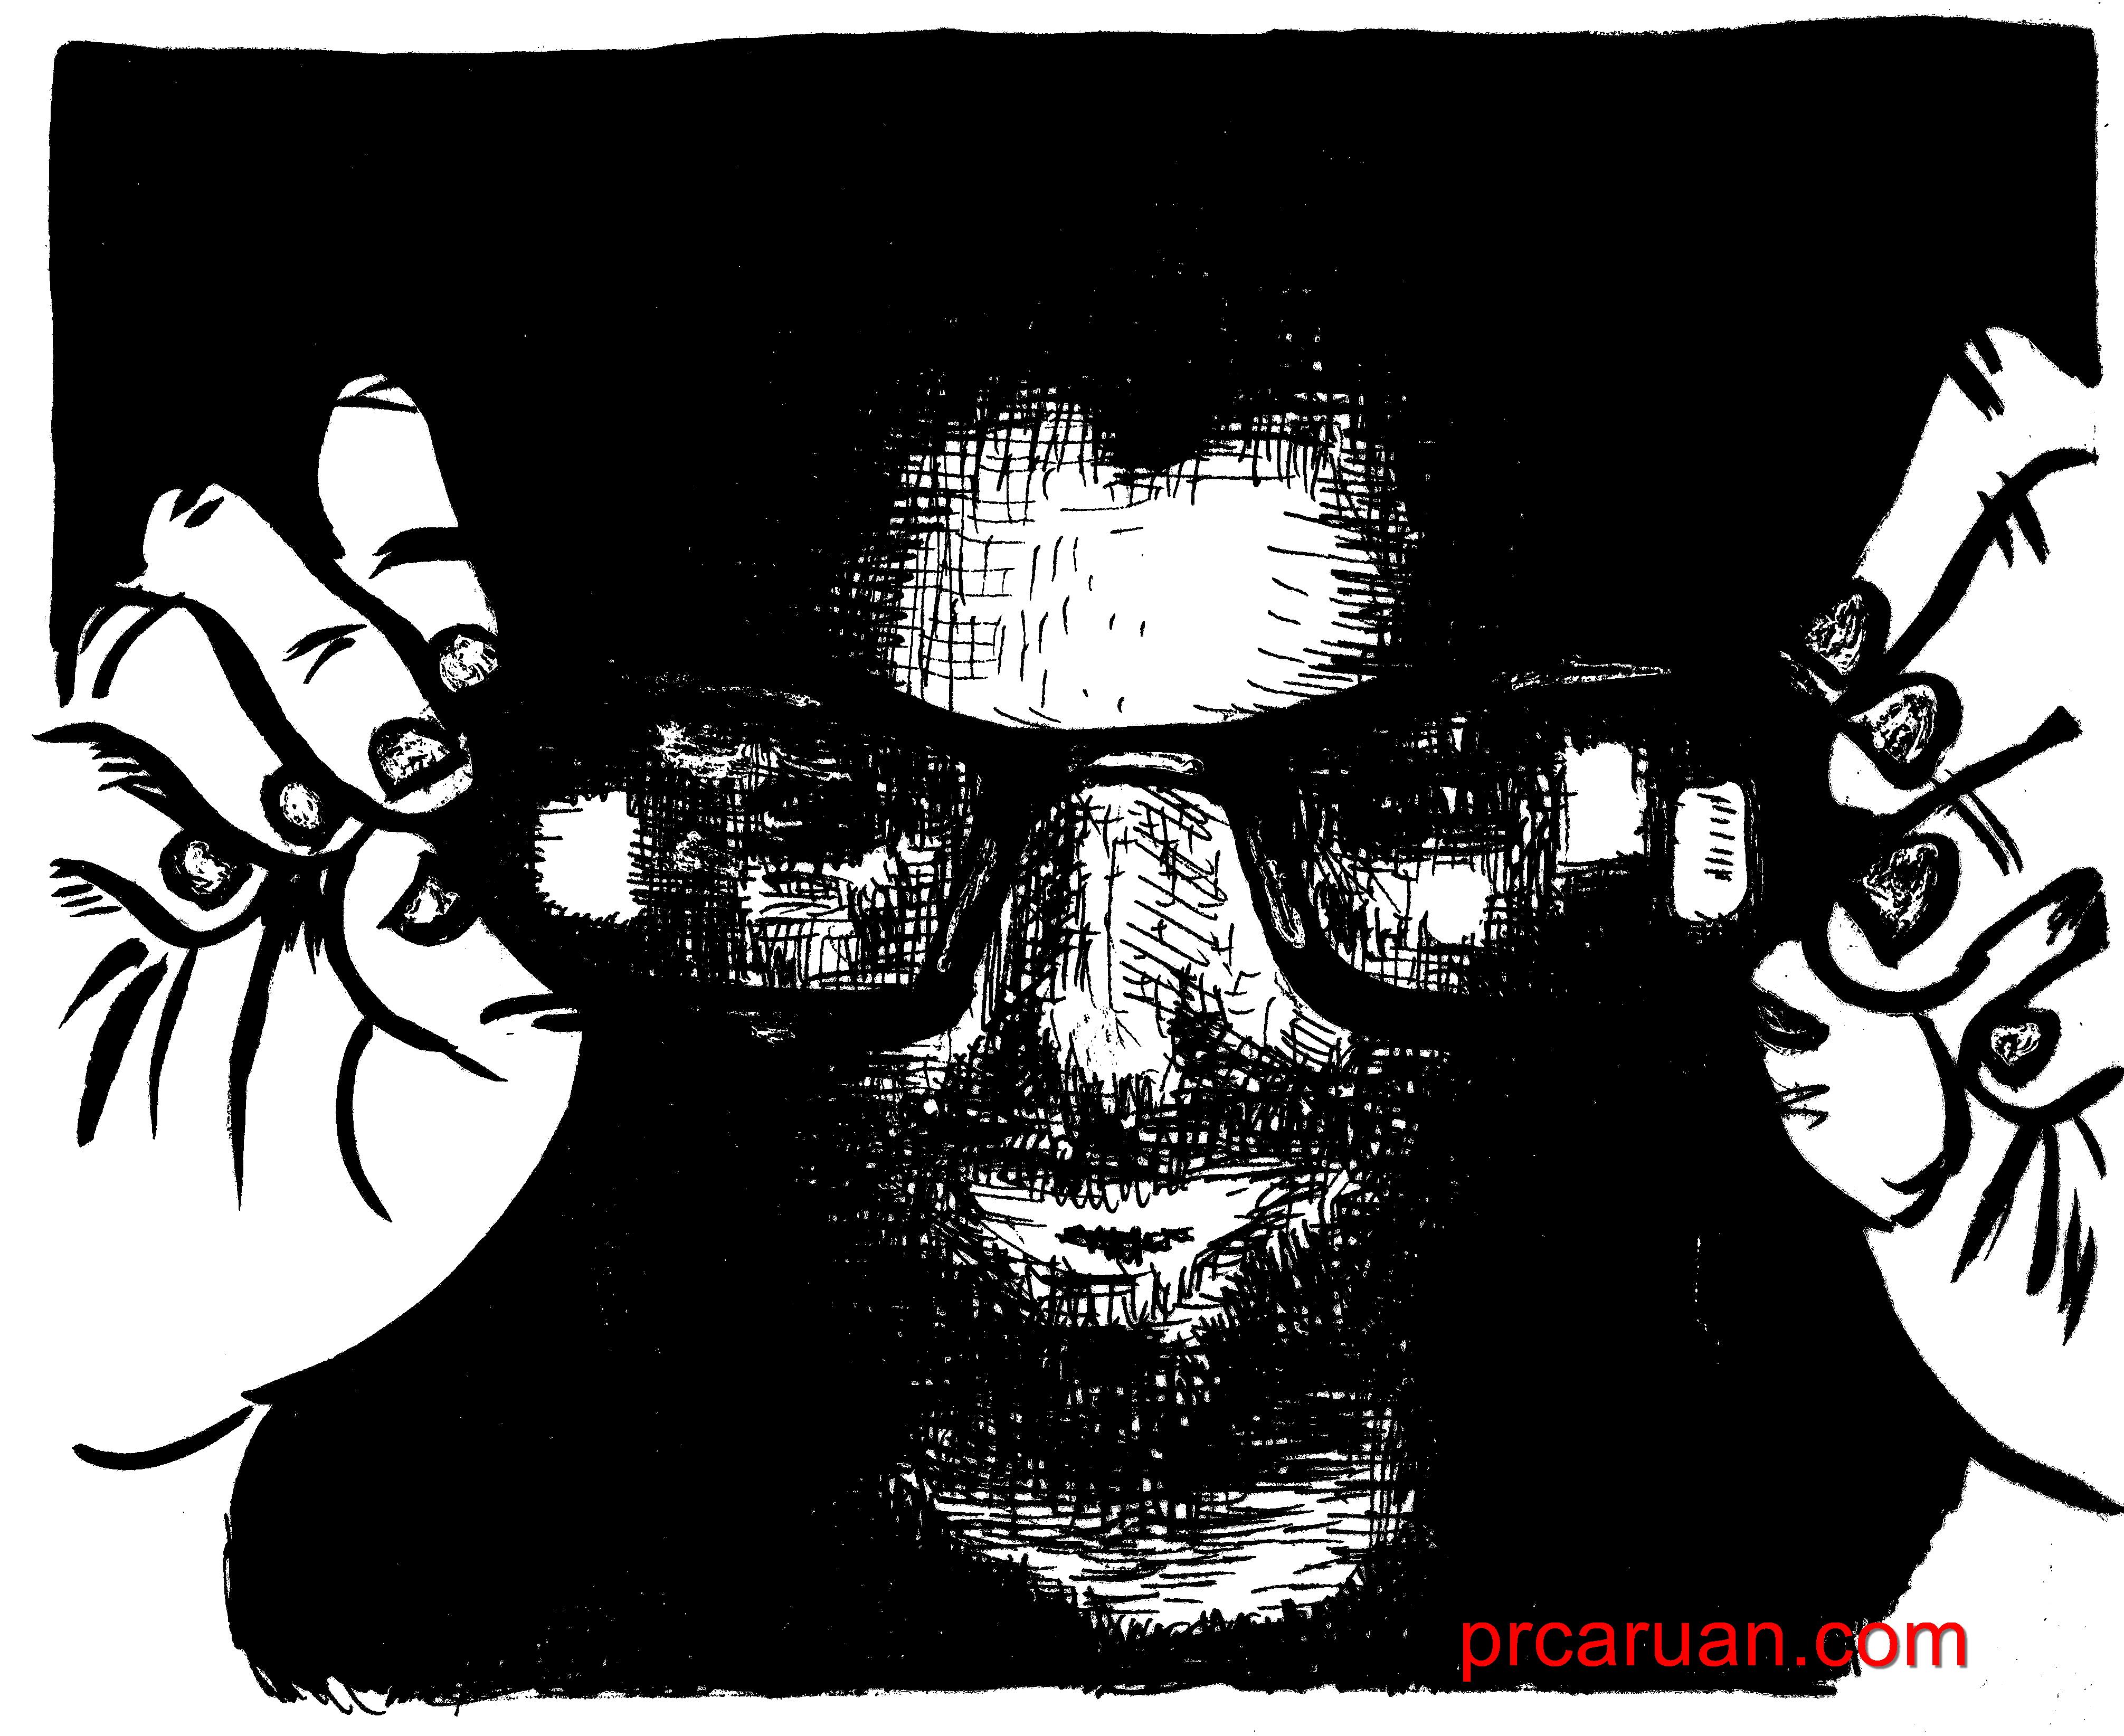 Gafas sucias